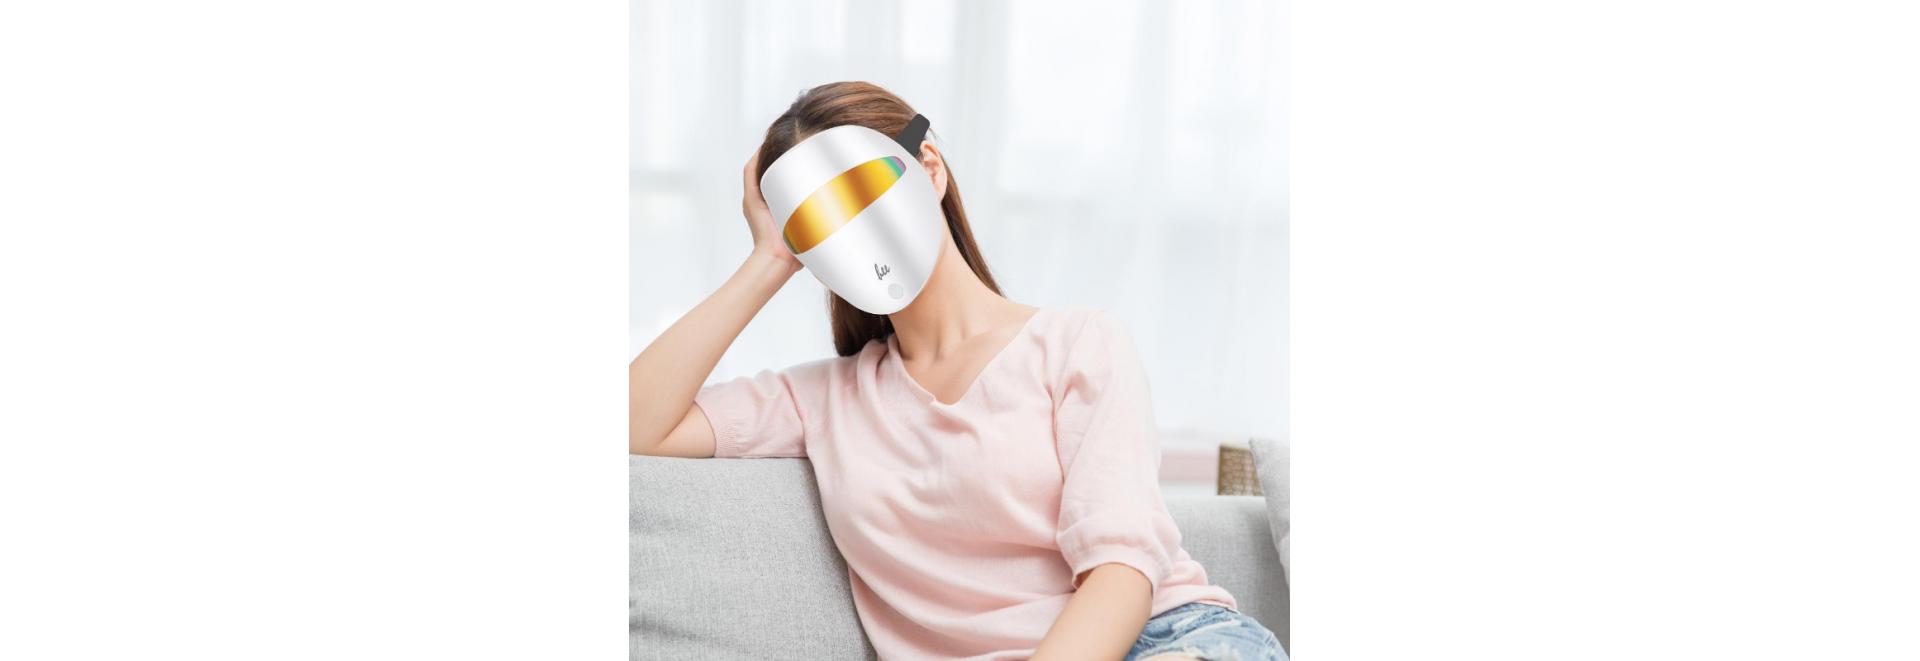 solutions anti-acné par la lumière - luminothérapie - medi-lum